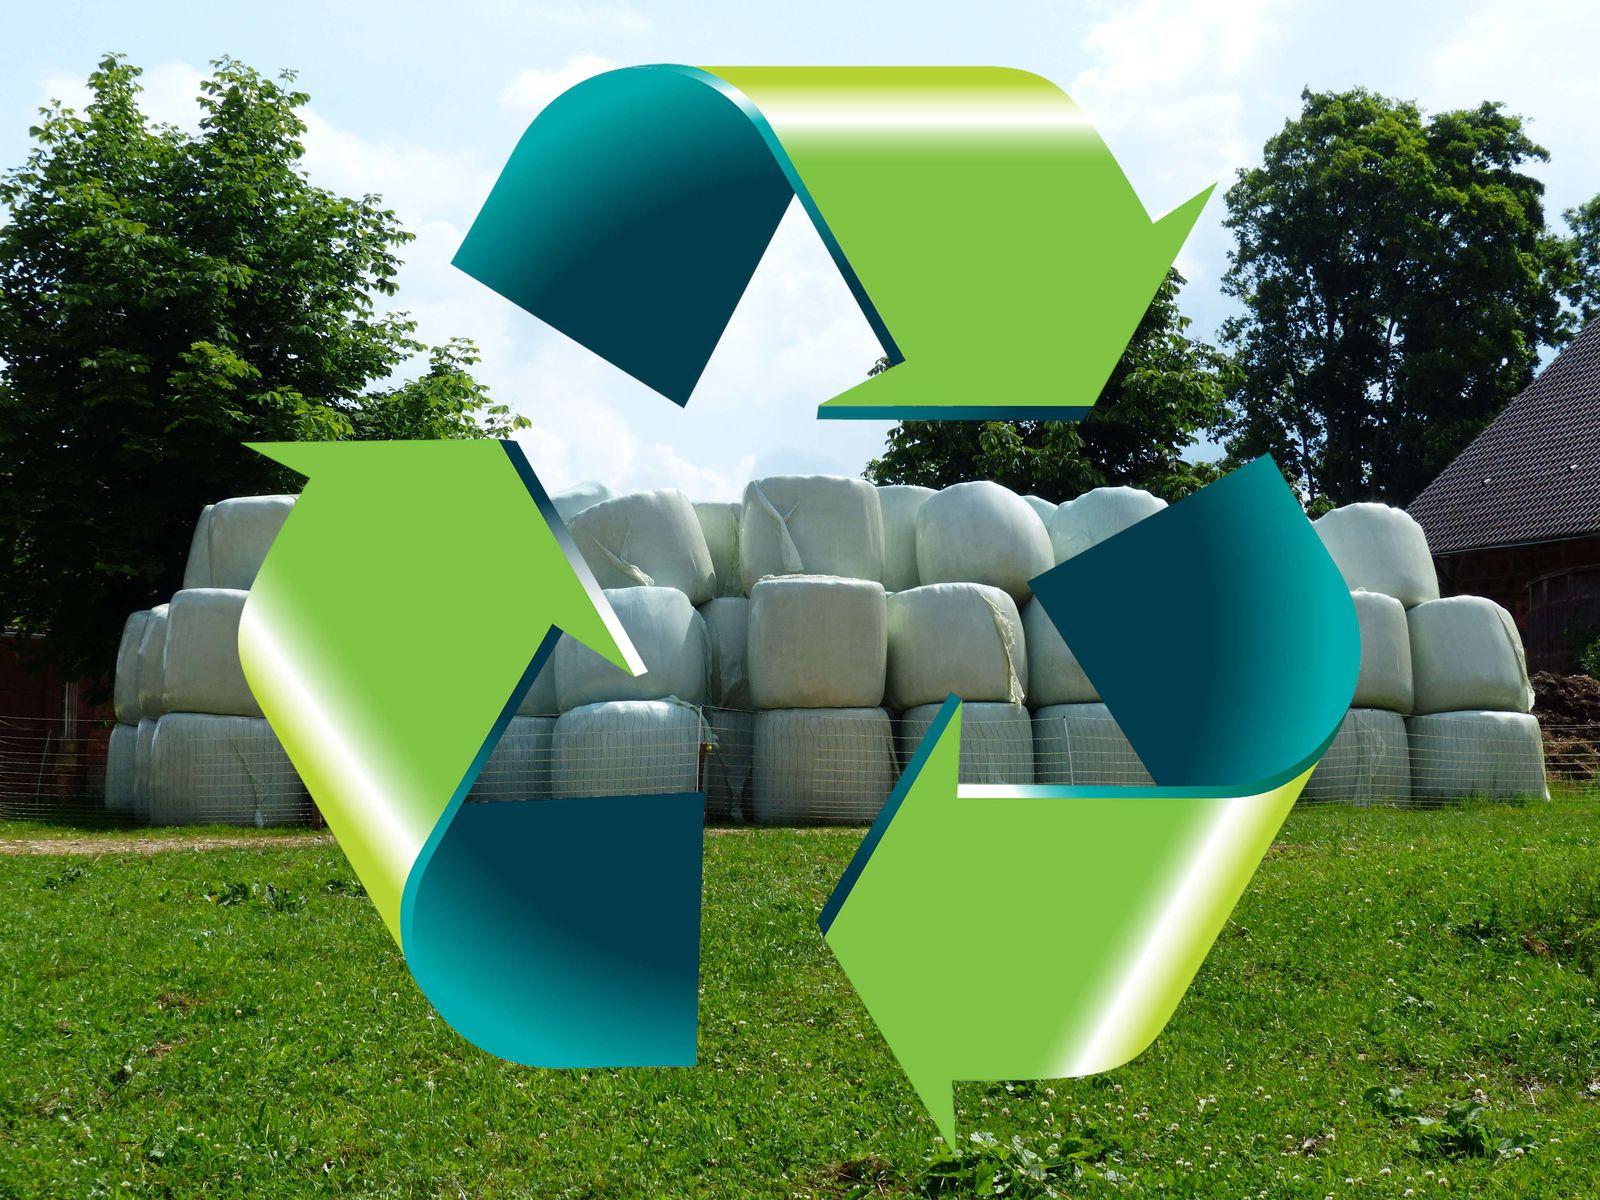 Kompozycja przedstawia symbol recyklingu zawierający trzy zielono-szmaragdowe strzałki, tworzące trójkąt, z grotami skierowanymi zgodnie z ruchem wskazówek zegara, na tle pryzmy białych beli rolniczych położonych na zielonej łące pod drzewami.